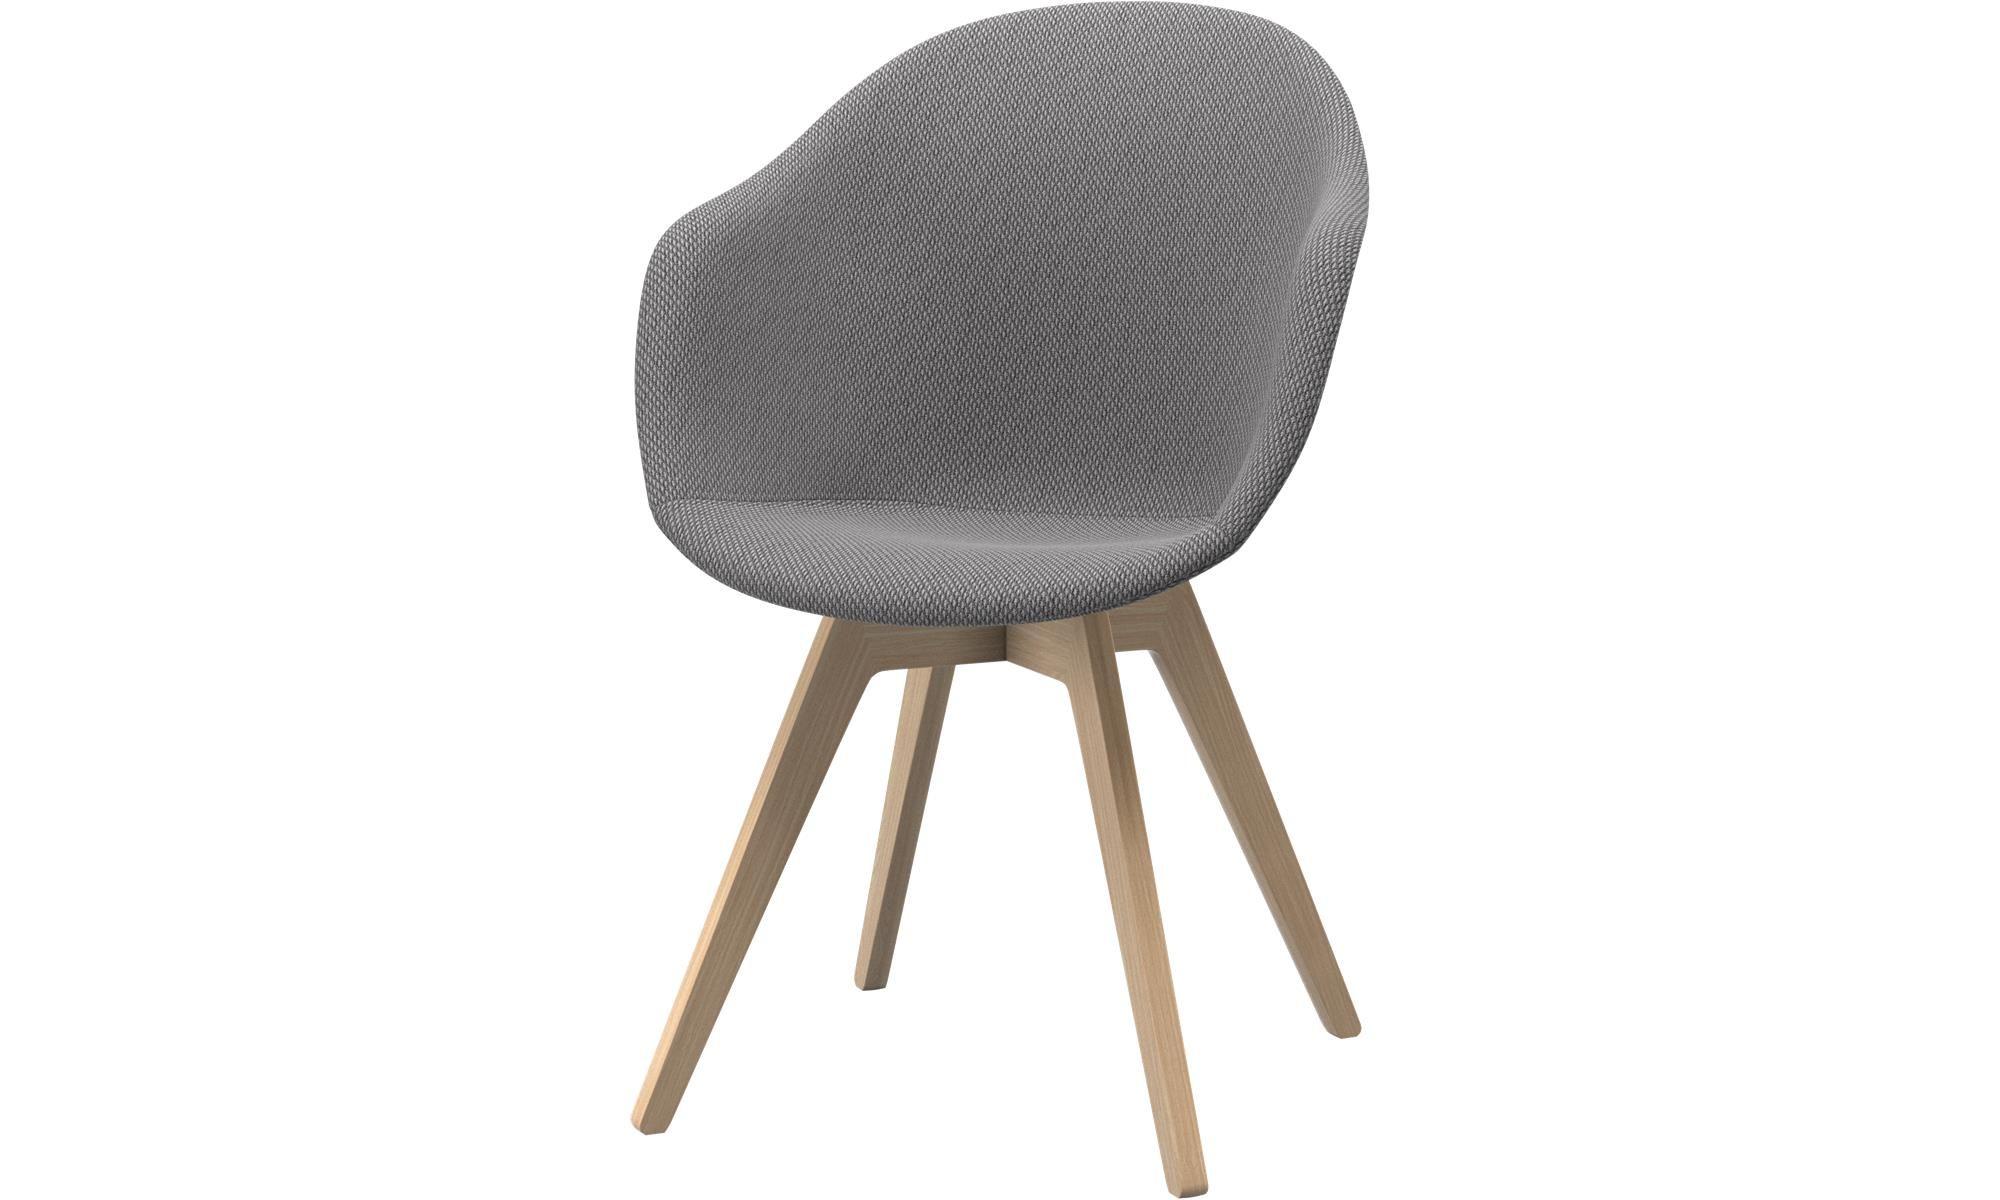 Esszimmerstühle   Adelaide Sessel   BoConcept   Esszimmerstühle, Designer essstühle, Stühle